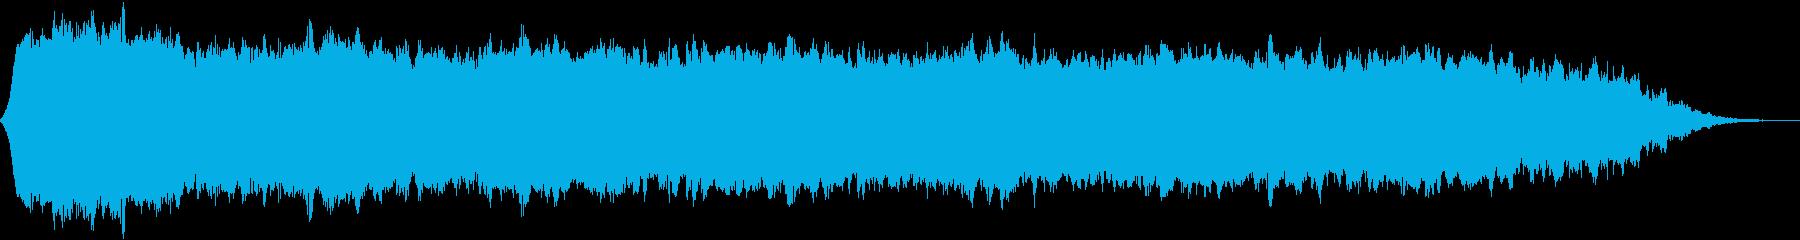 【ダークアンビエント】退廃的なBGM_2の再生済みの波形